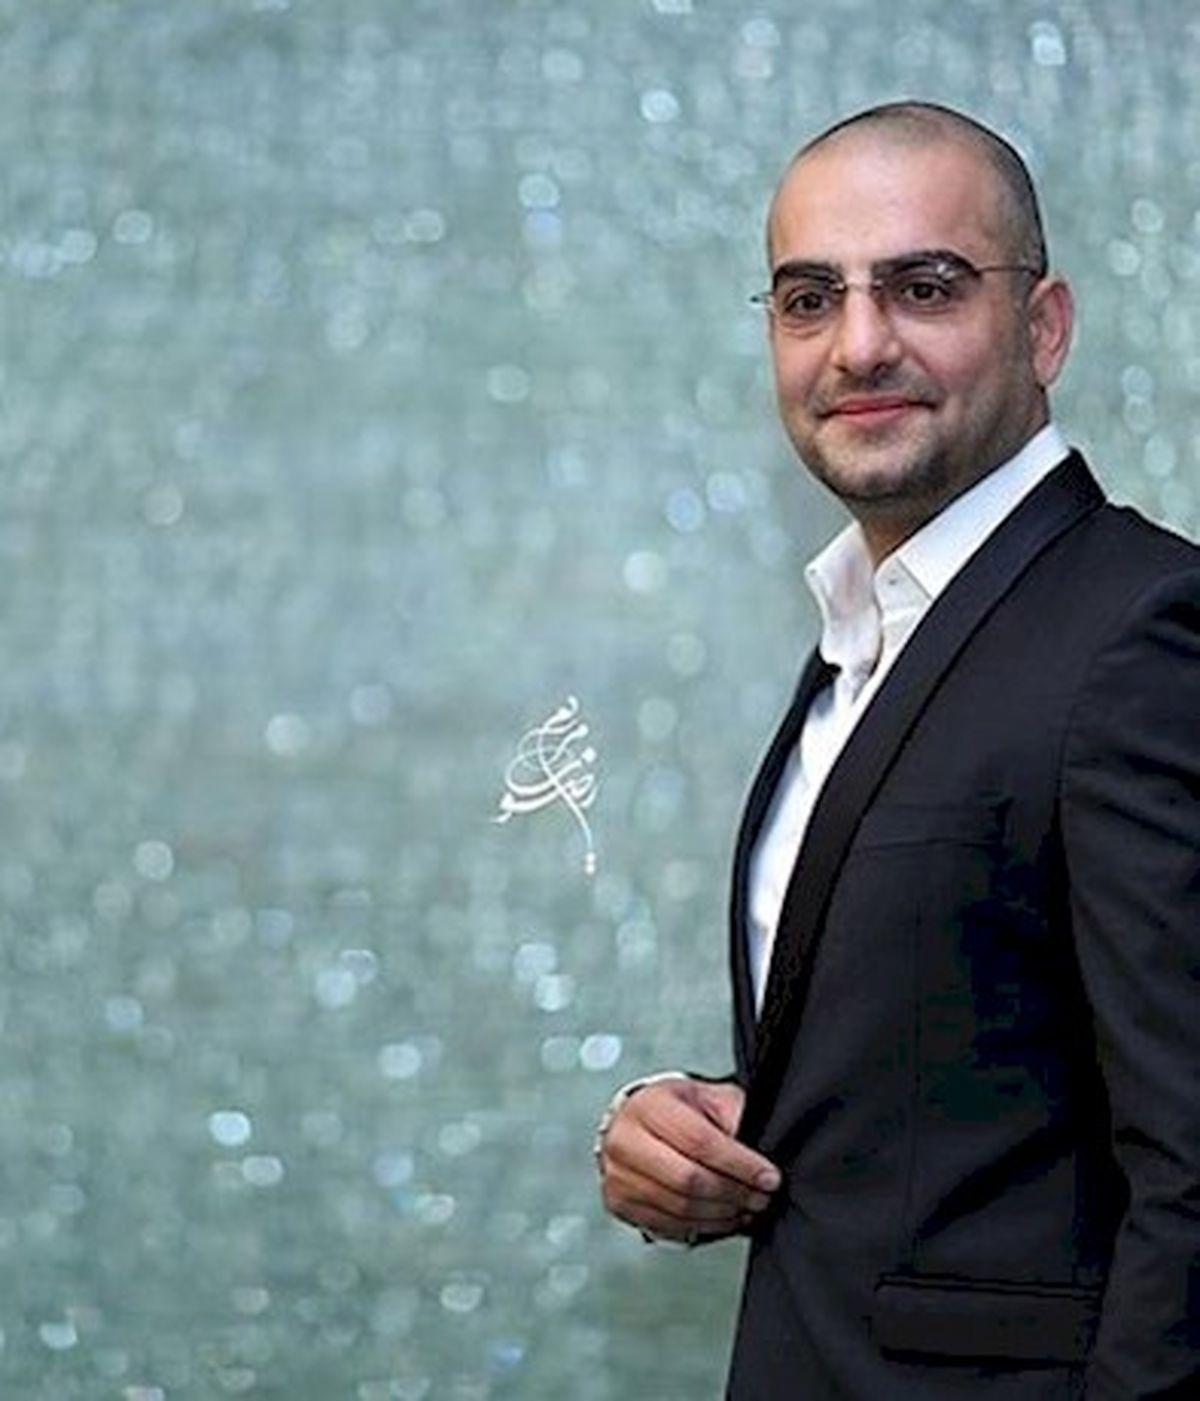 تبریک حامد کمیلی برای تولد اکبر عبدی + عکس